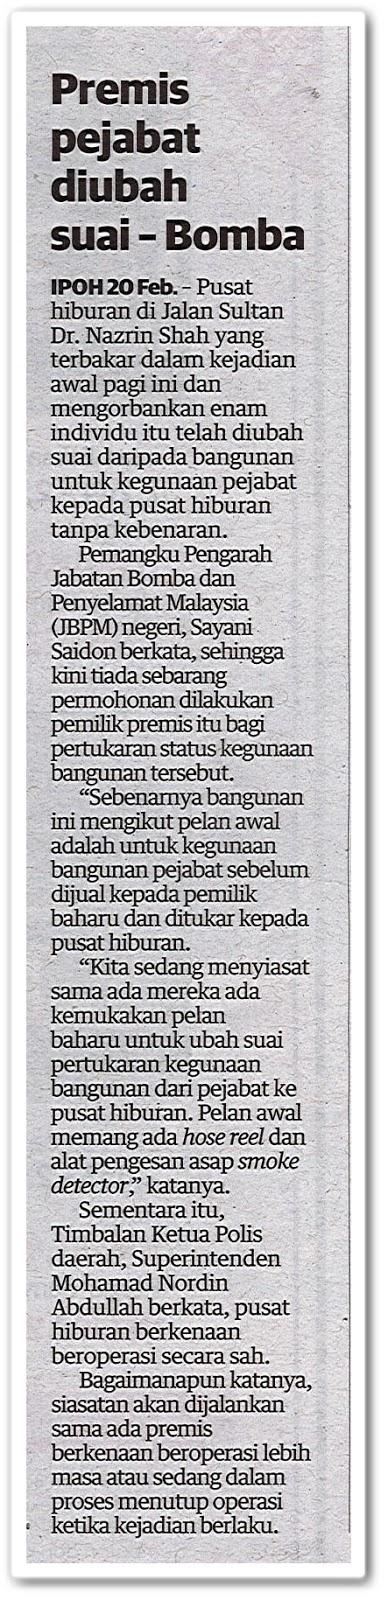 Premis pejabat diubah suai : Bomba - Keratan akhbar Utusan Malaysia 21 Februari 2019